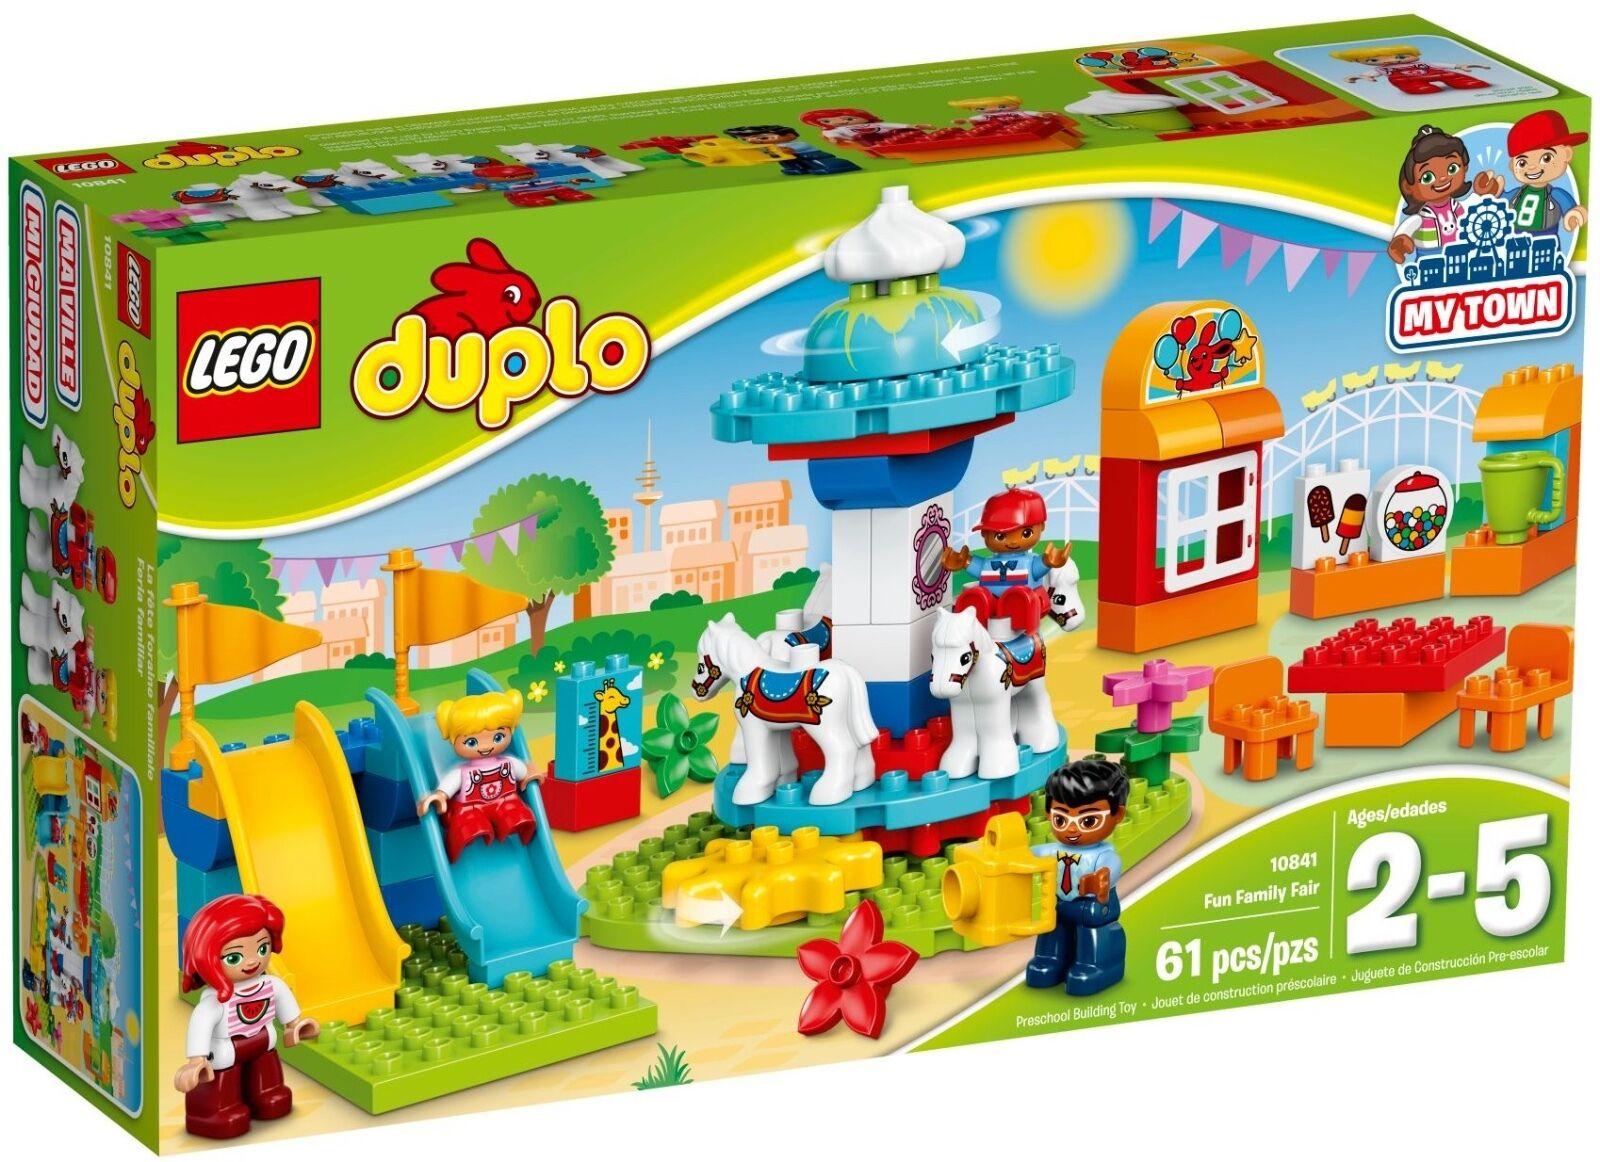 LEGO ® DUPLO ® 10841 foire Nouveau neuf dans sa boîte _ FUN Family FAIR NEW En parfait état, dans sa boîte scellée Boîte d'origine jamais ouverte